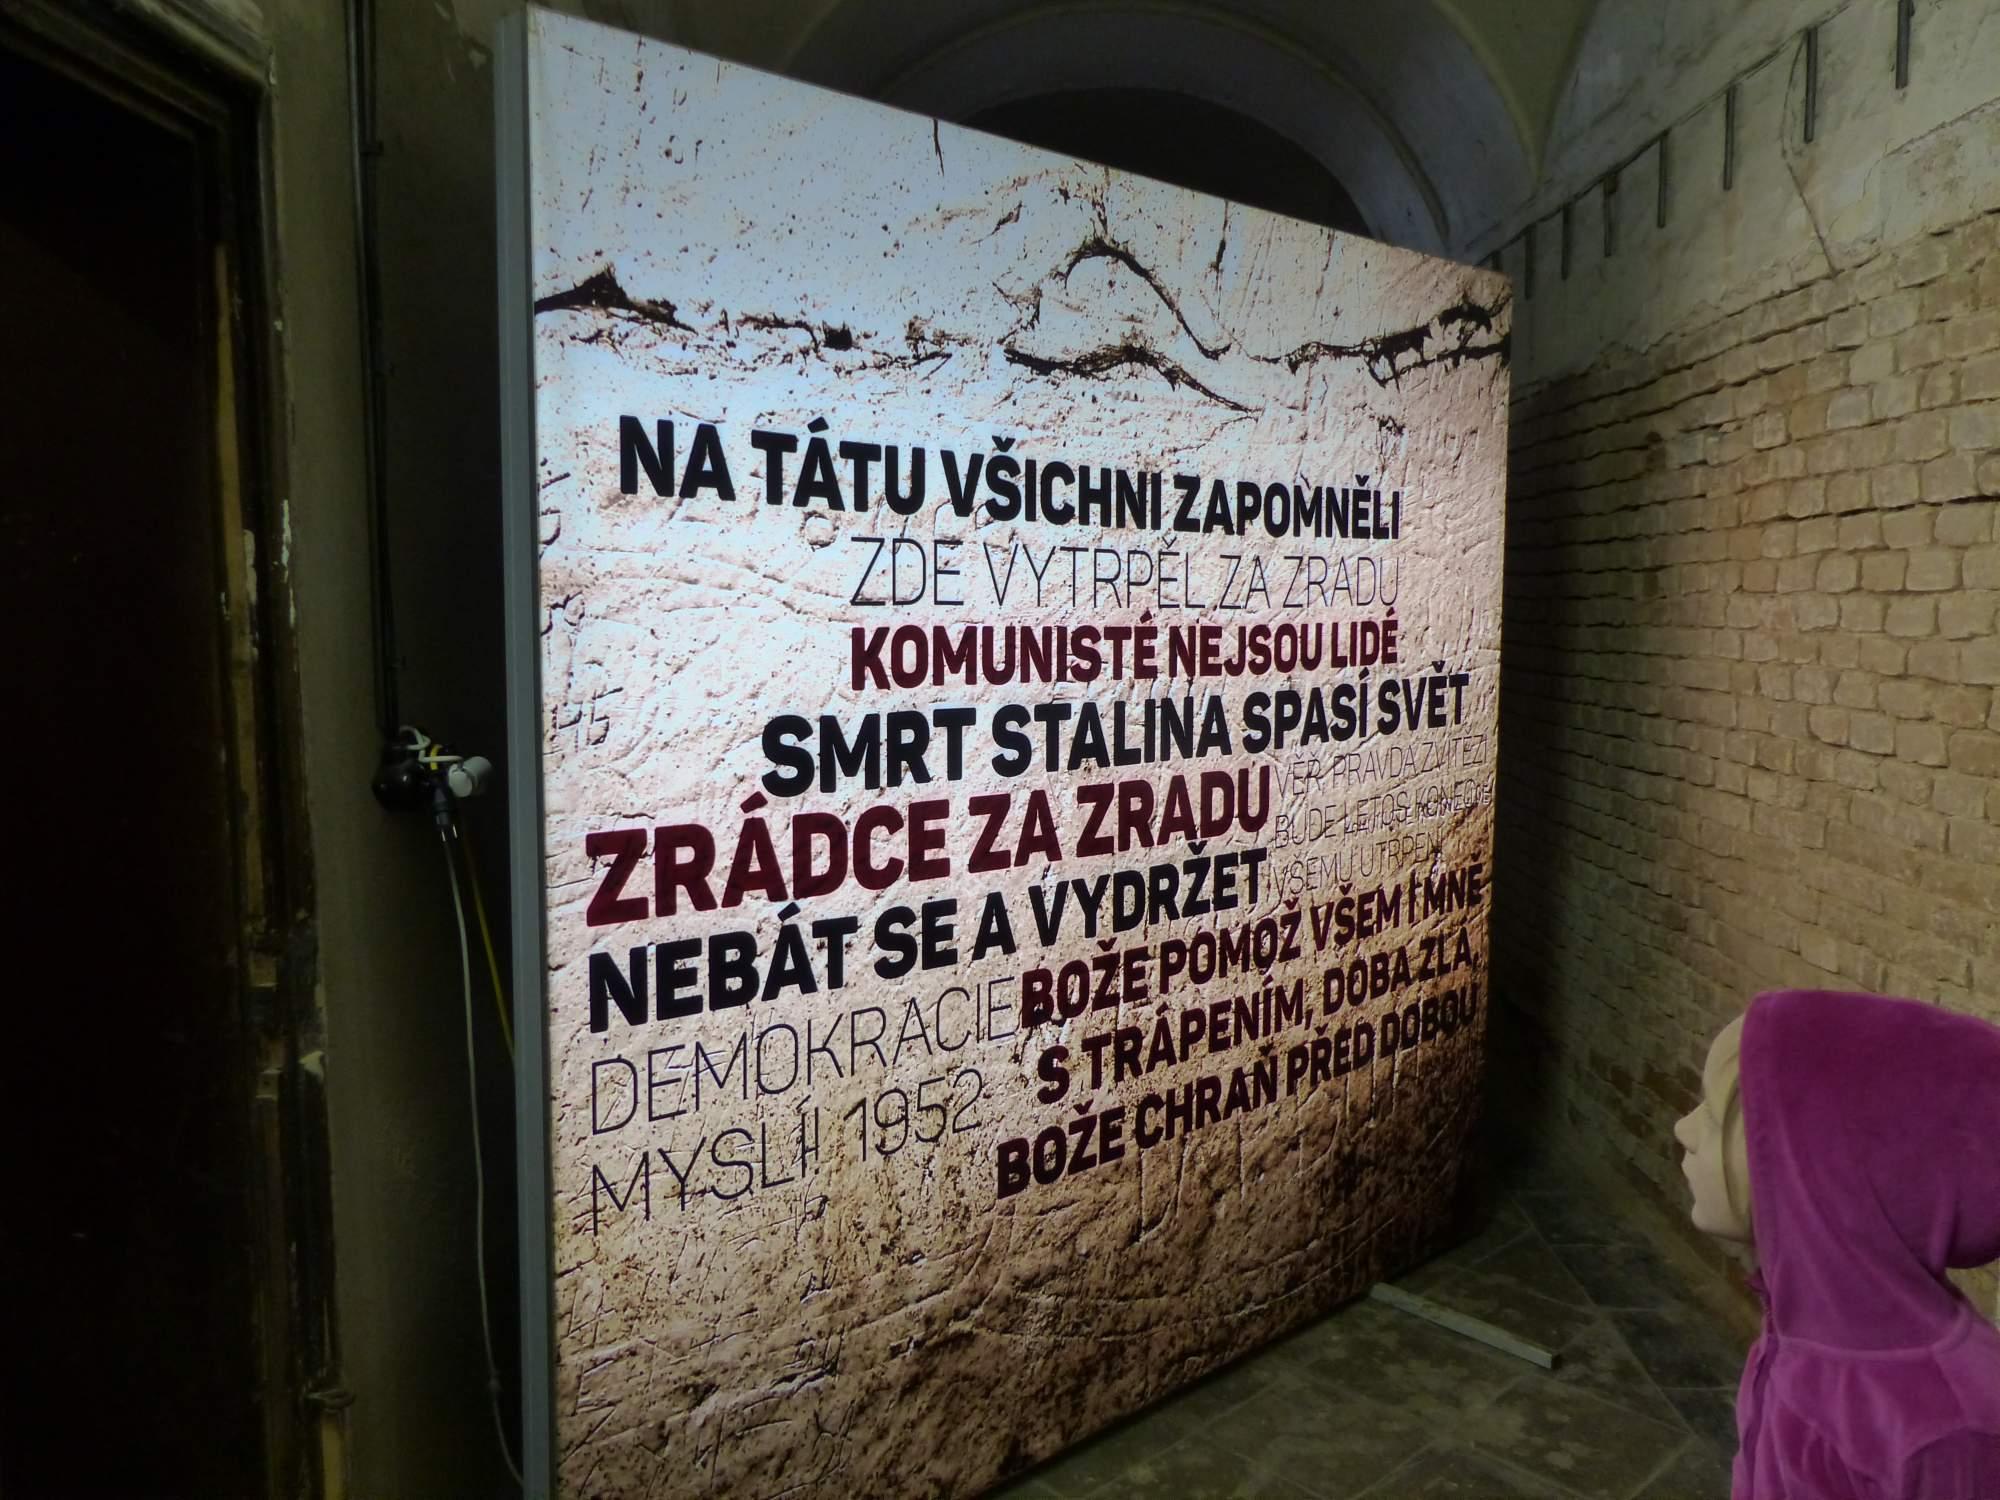 Dochovaly se i vzkazy vězňů. Foto: Tereza Kučerová